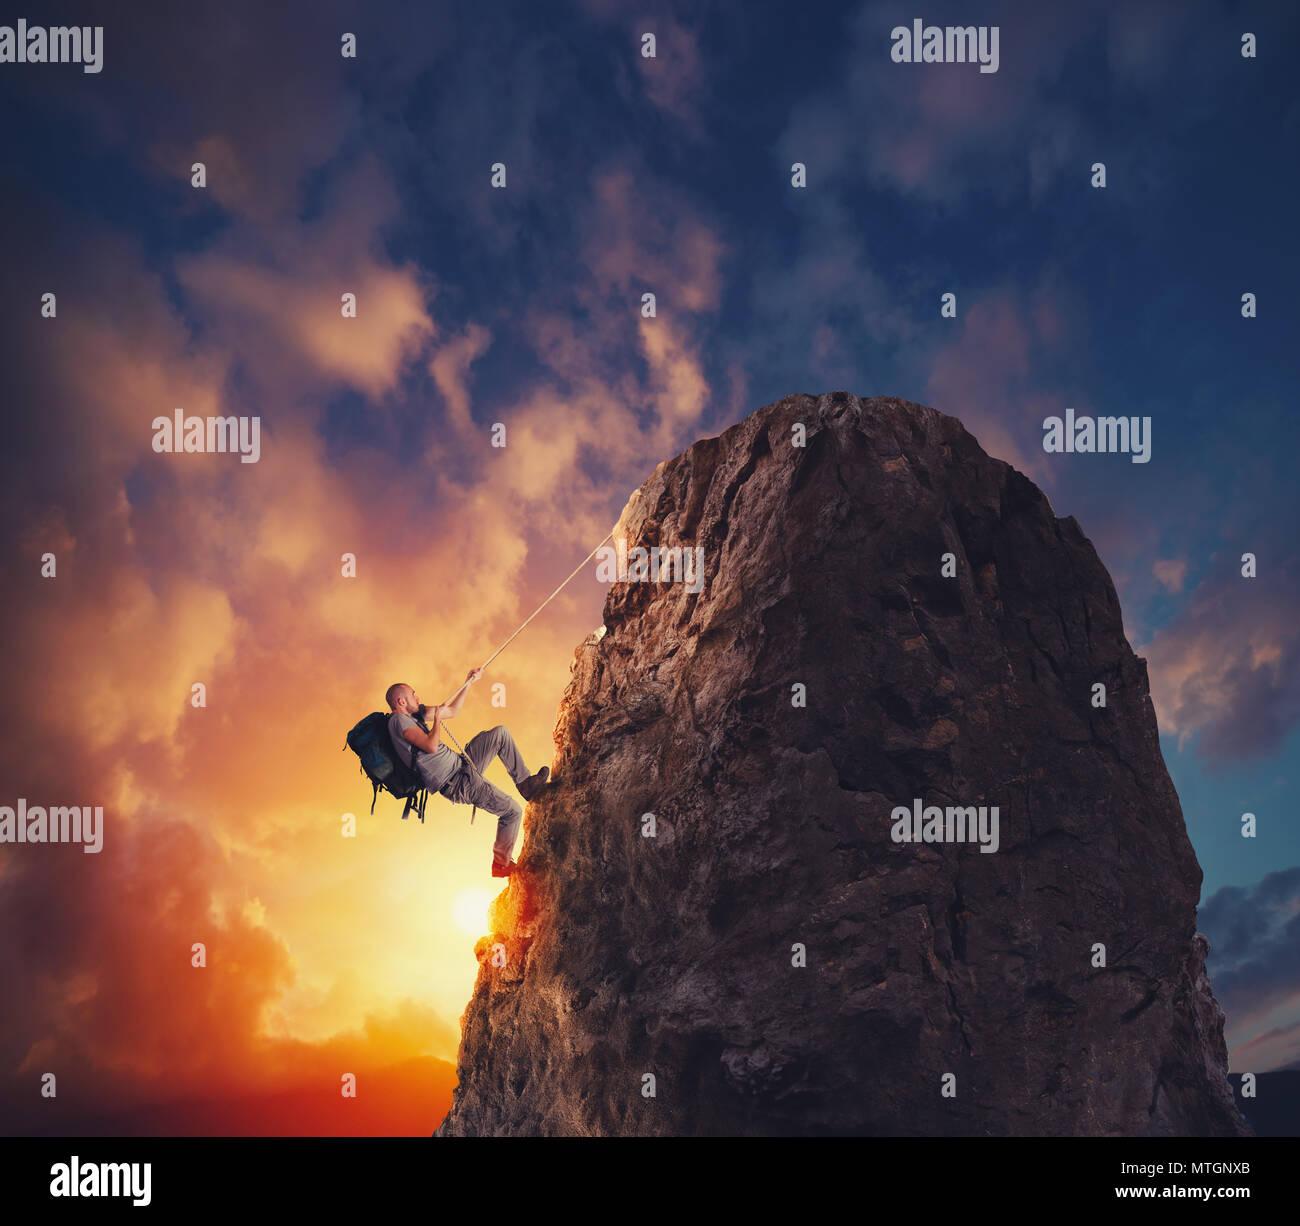 Imprenditore scalare una montagna per ottenere la bandiera. Raggiungimento obiettivo di business e difficile concetto di carriera Immagini Stock